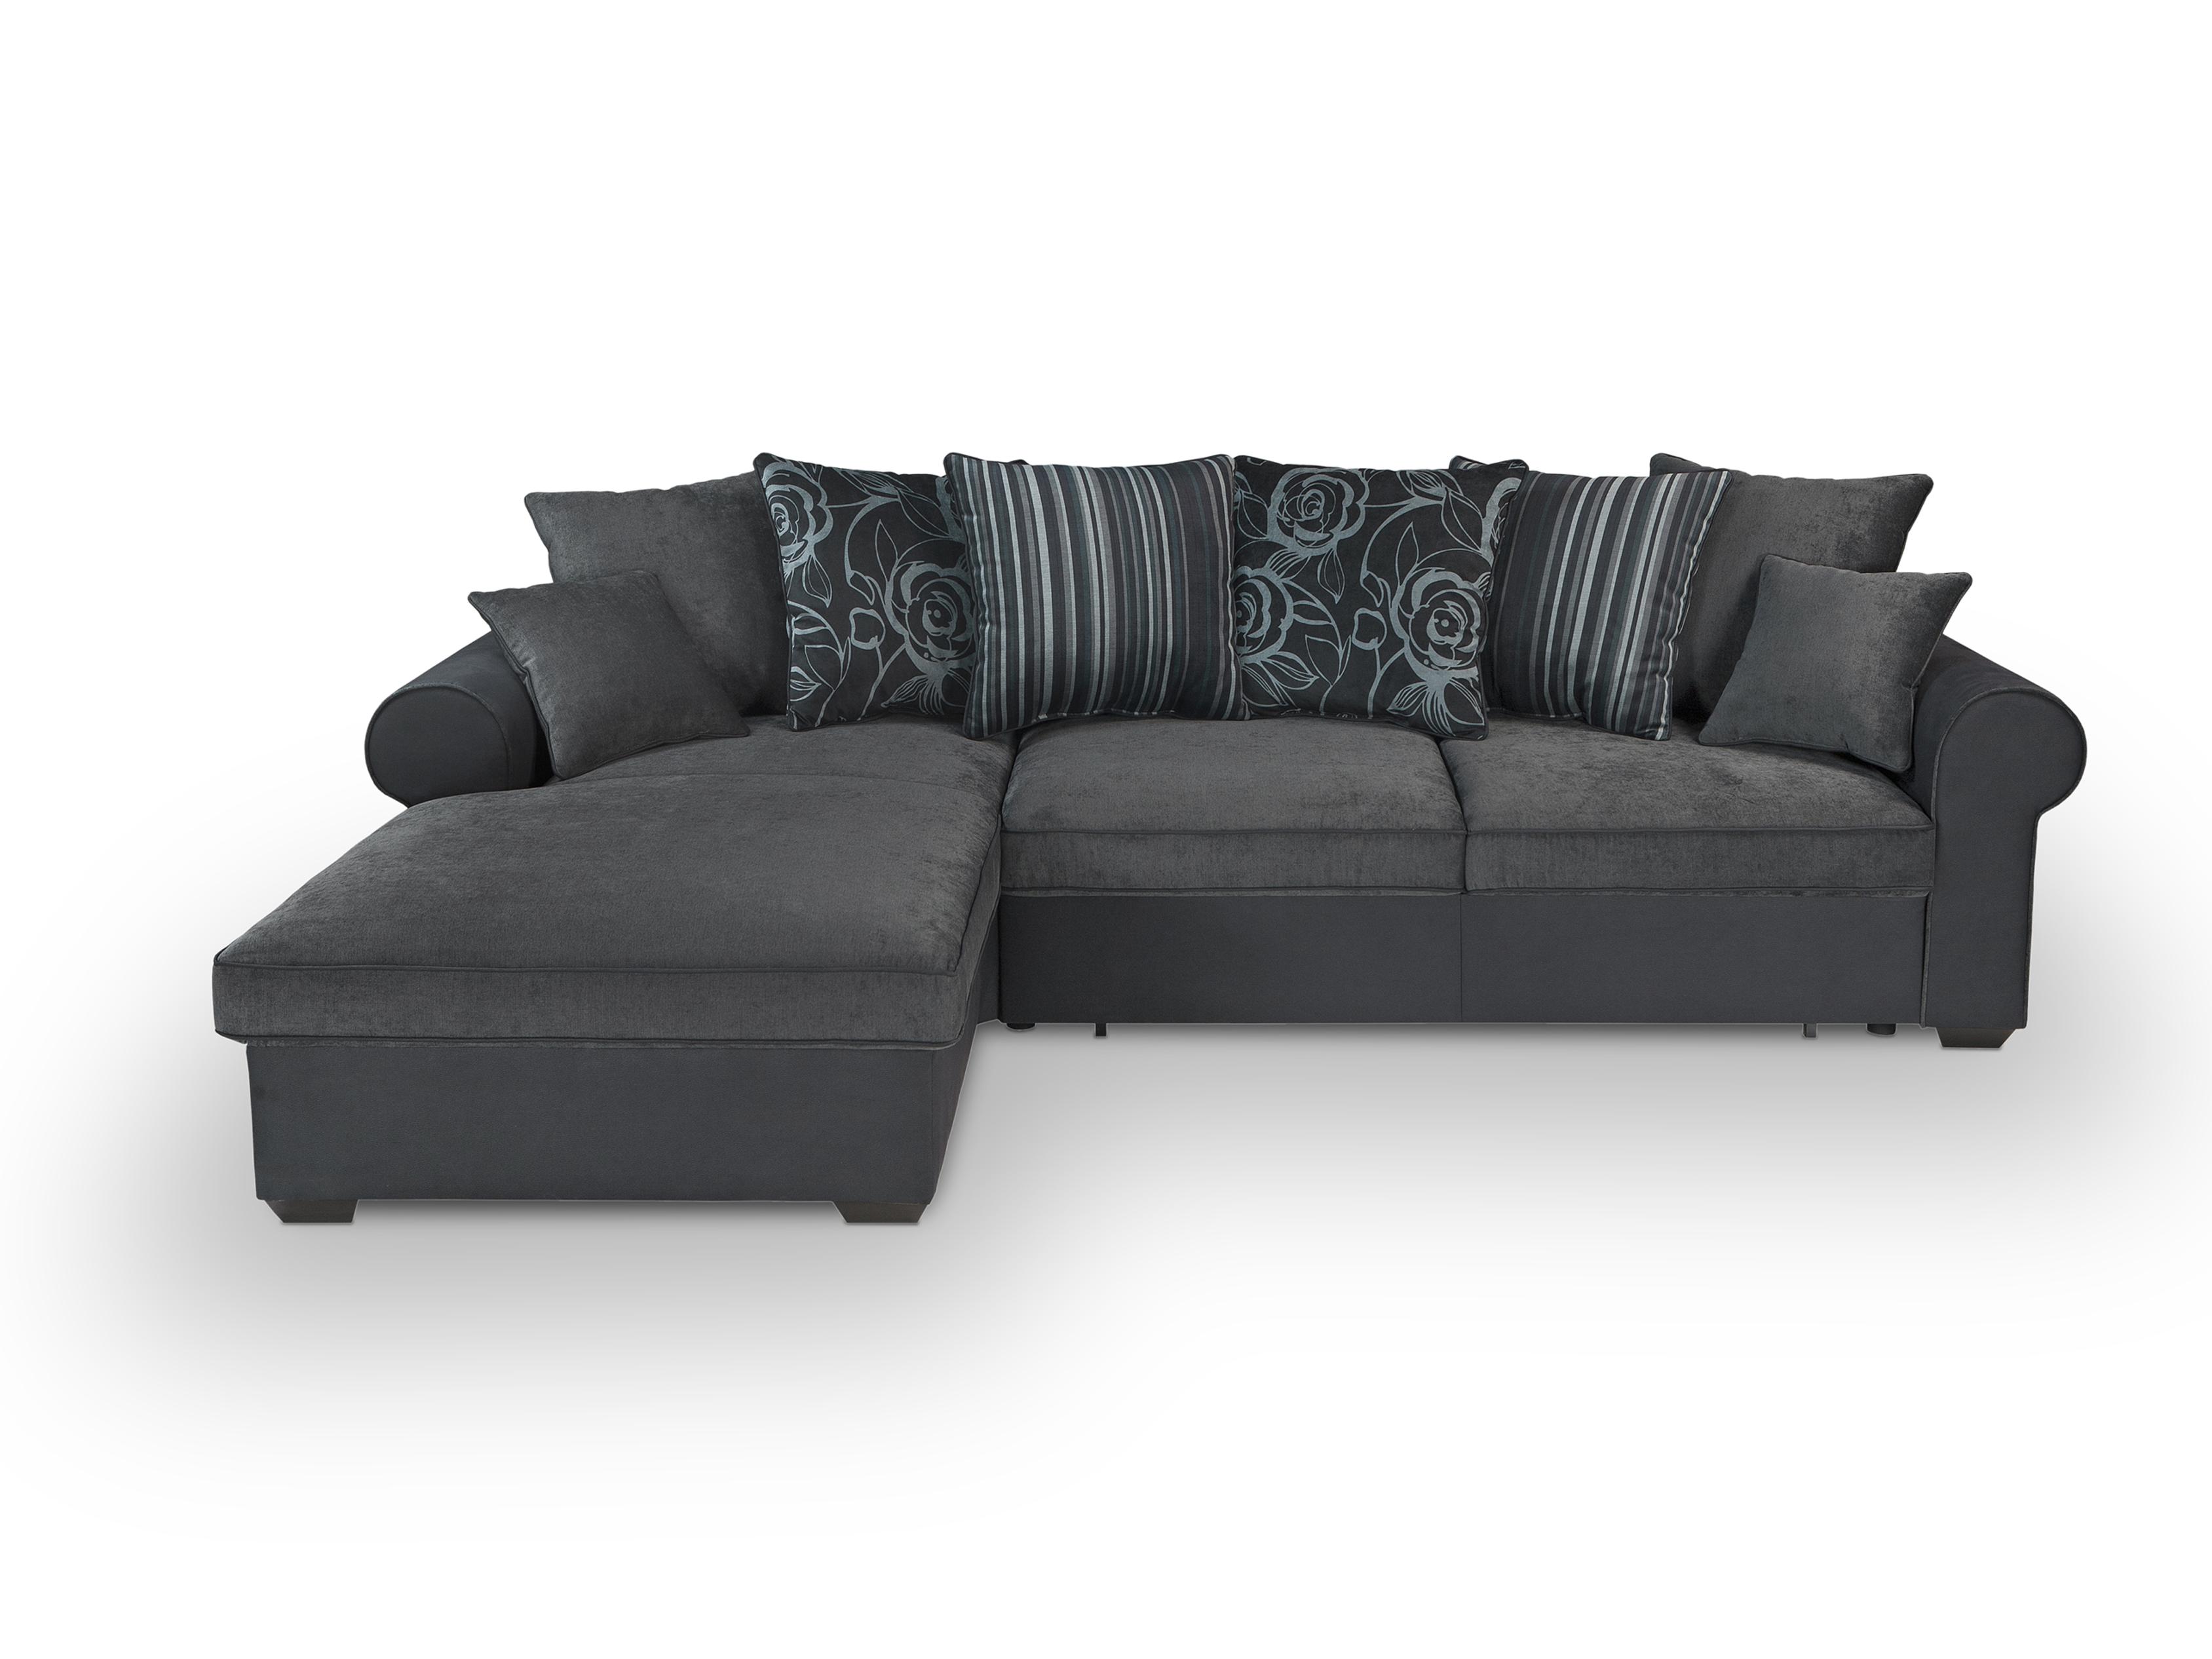 Rohová sedací souprava - BRW - Canyon Lux 3DL.REC (tmavě šedá + černá) (L)